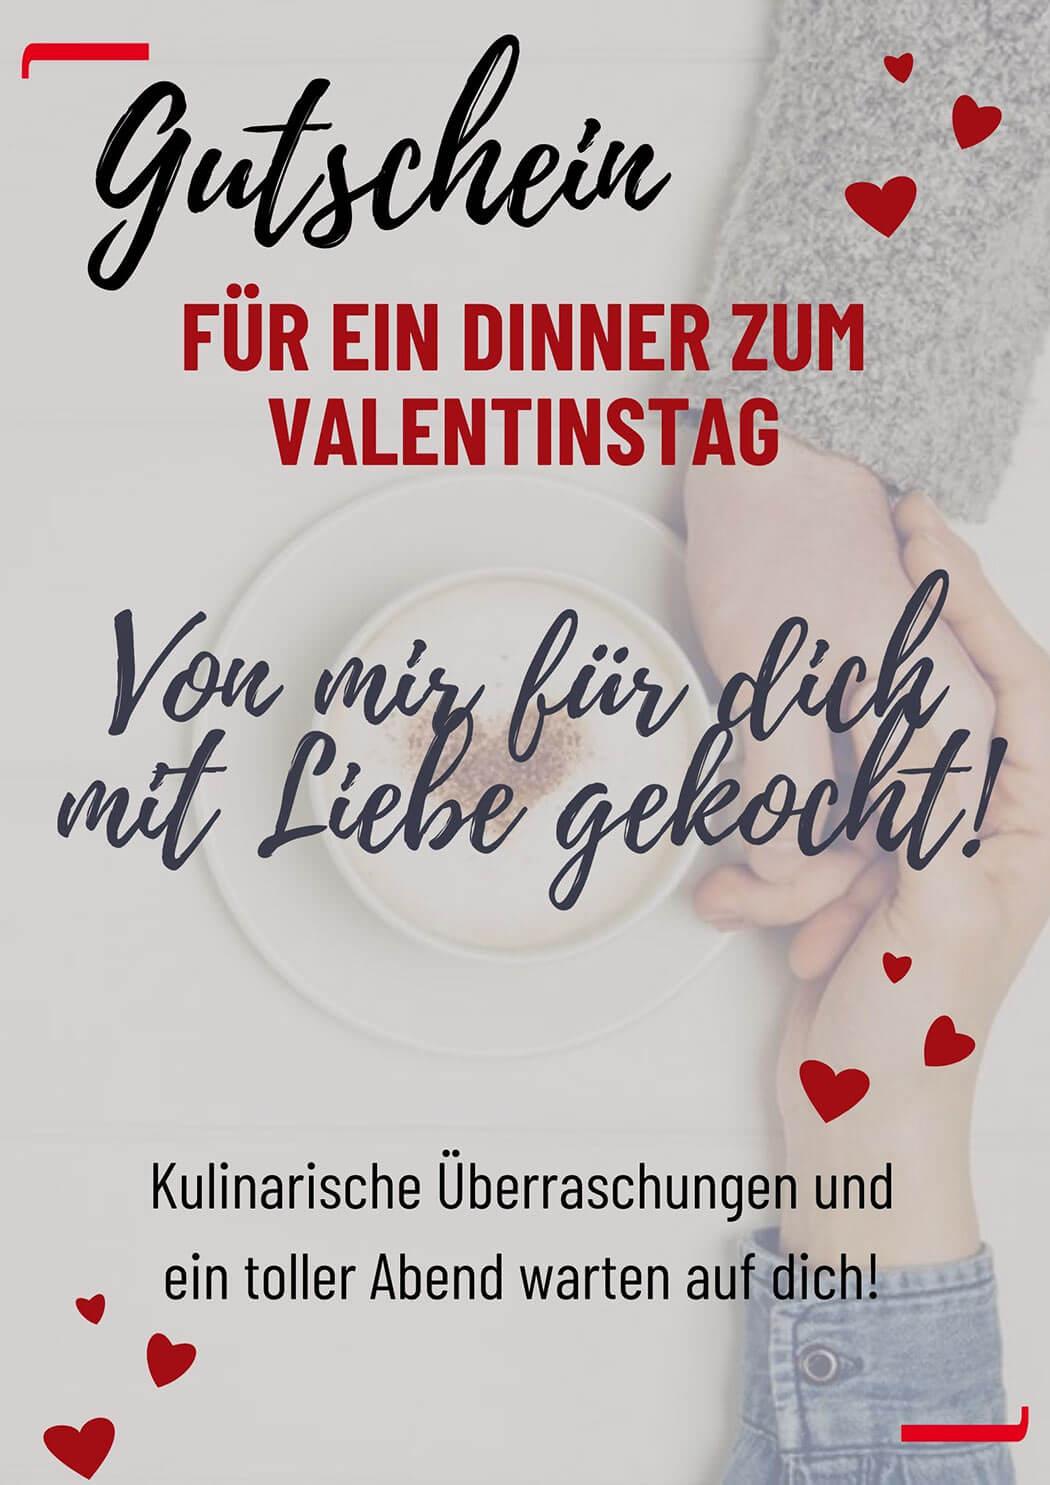 Valentinstag Dinner Gutschein